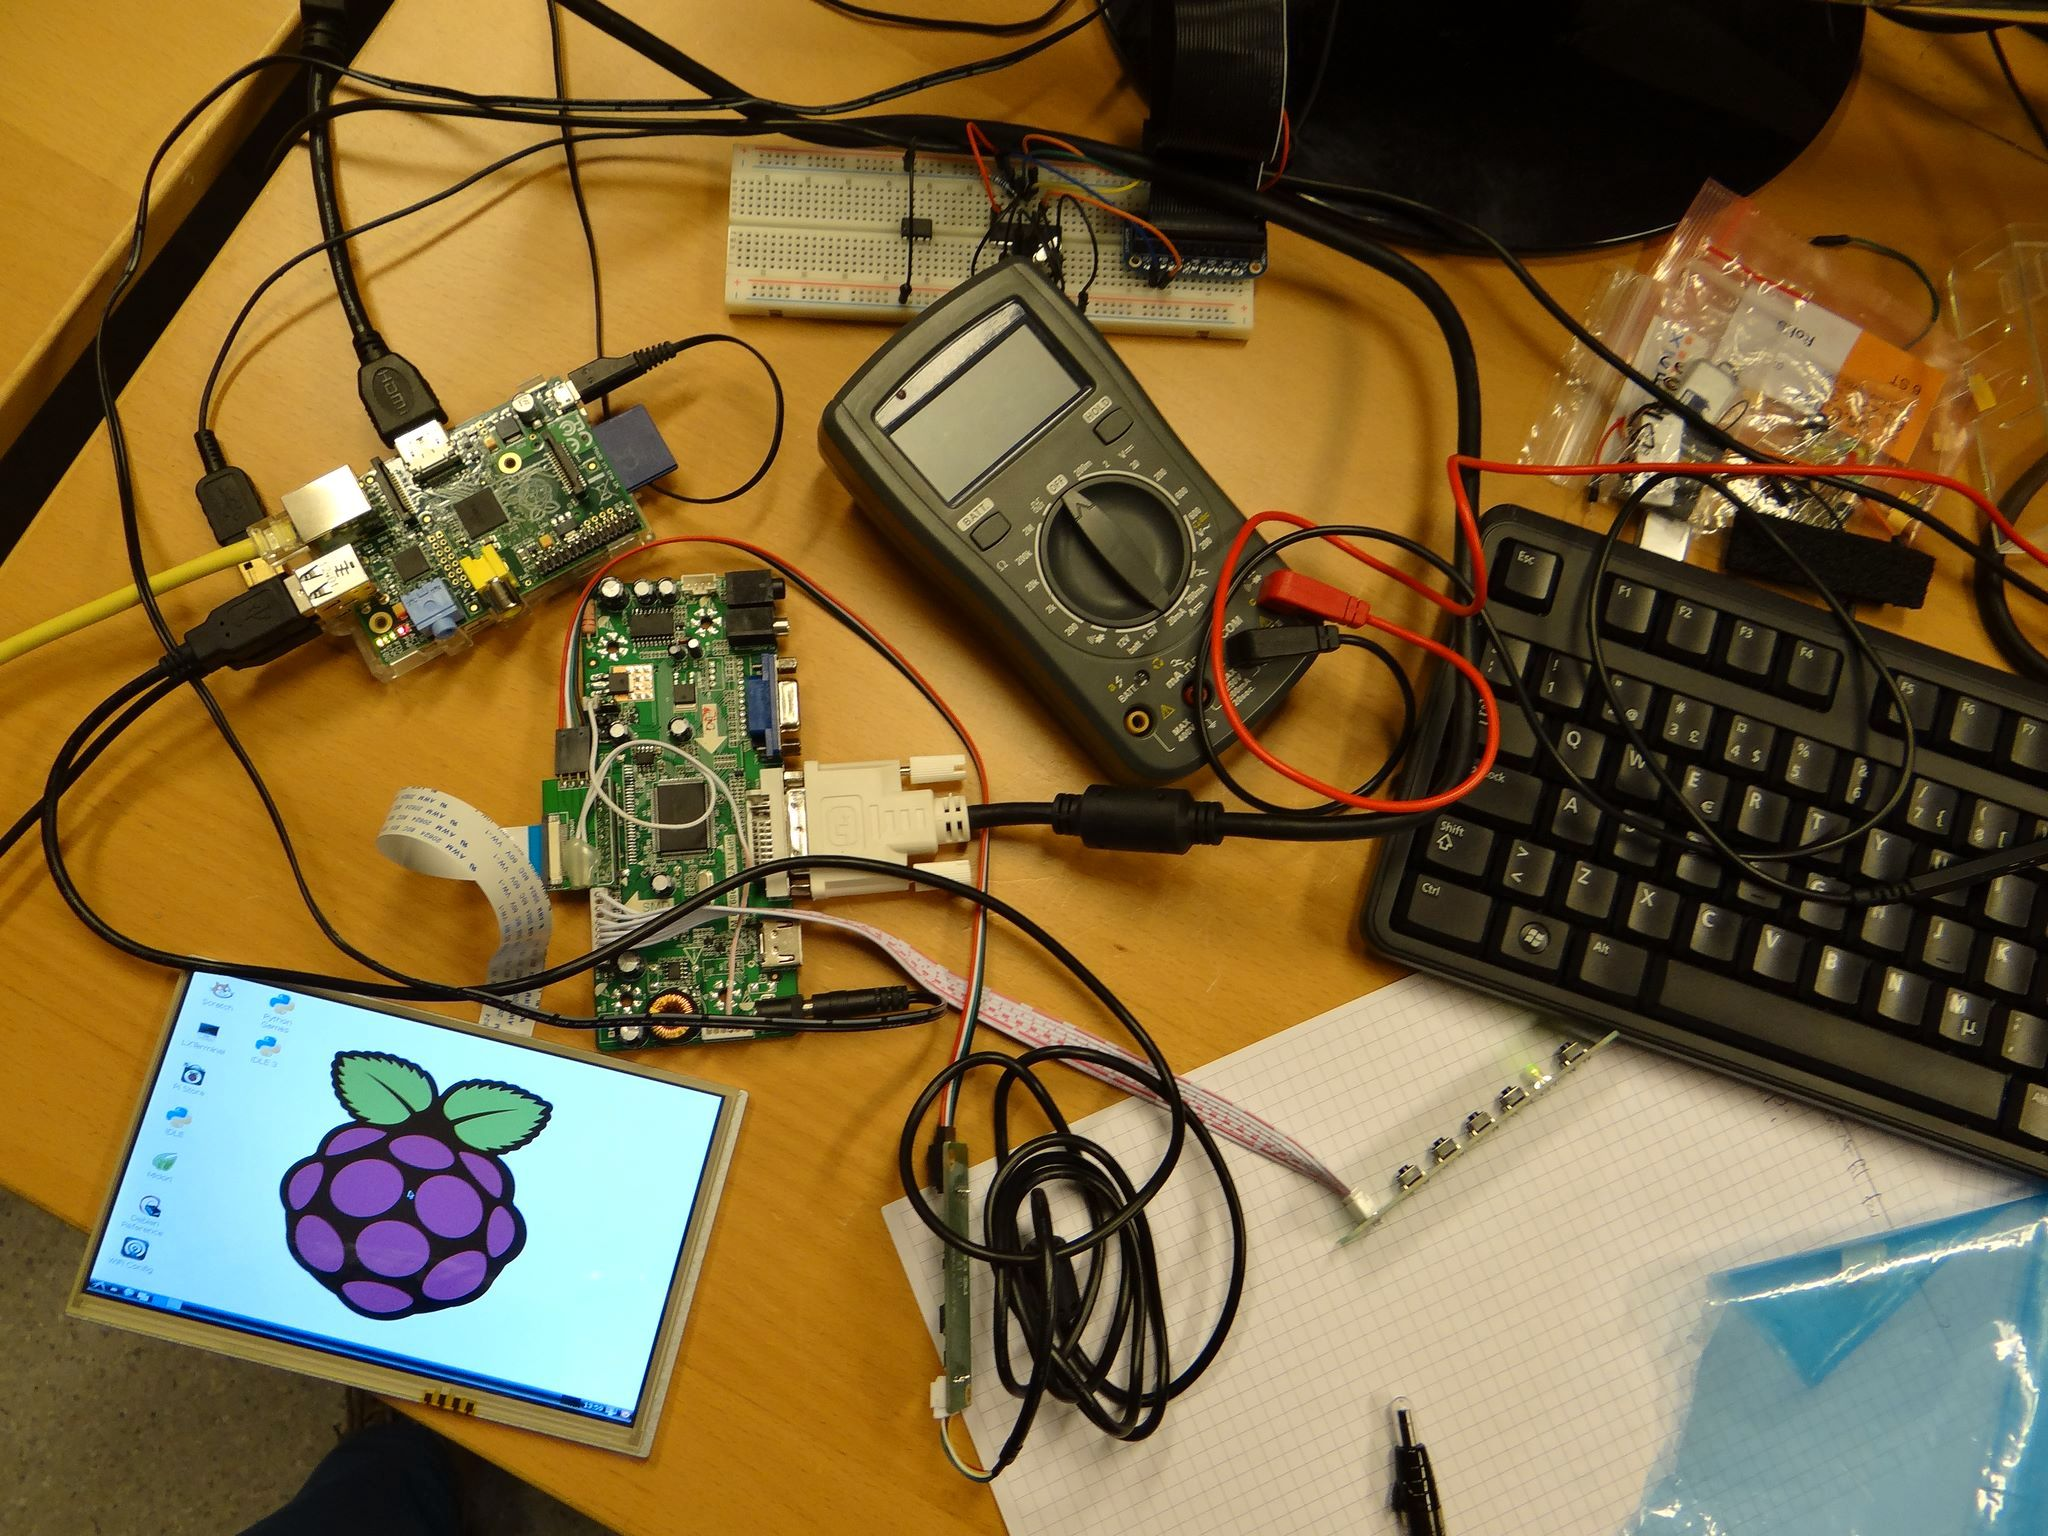 Deler av kontrollsystemet under utvikling.Foto: Nikita Sinansky